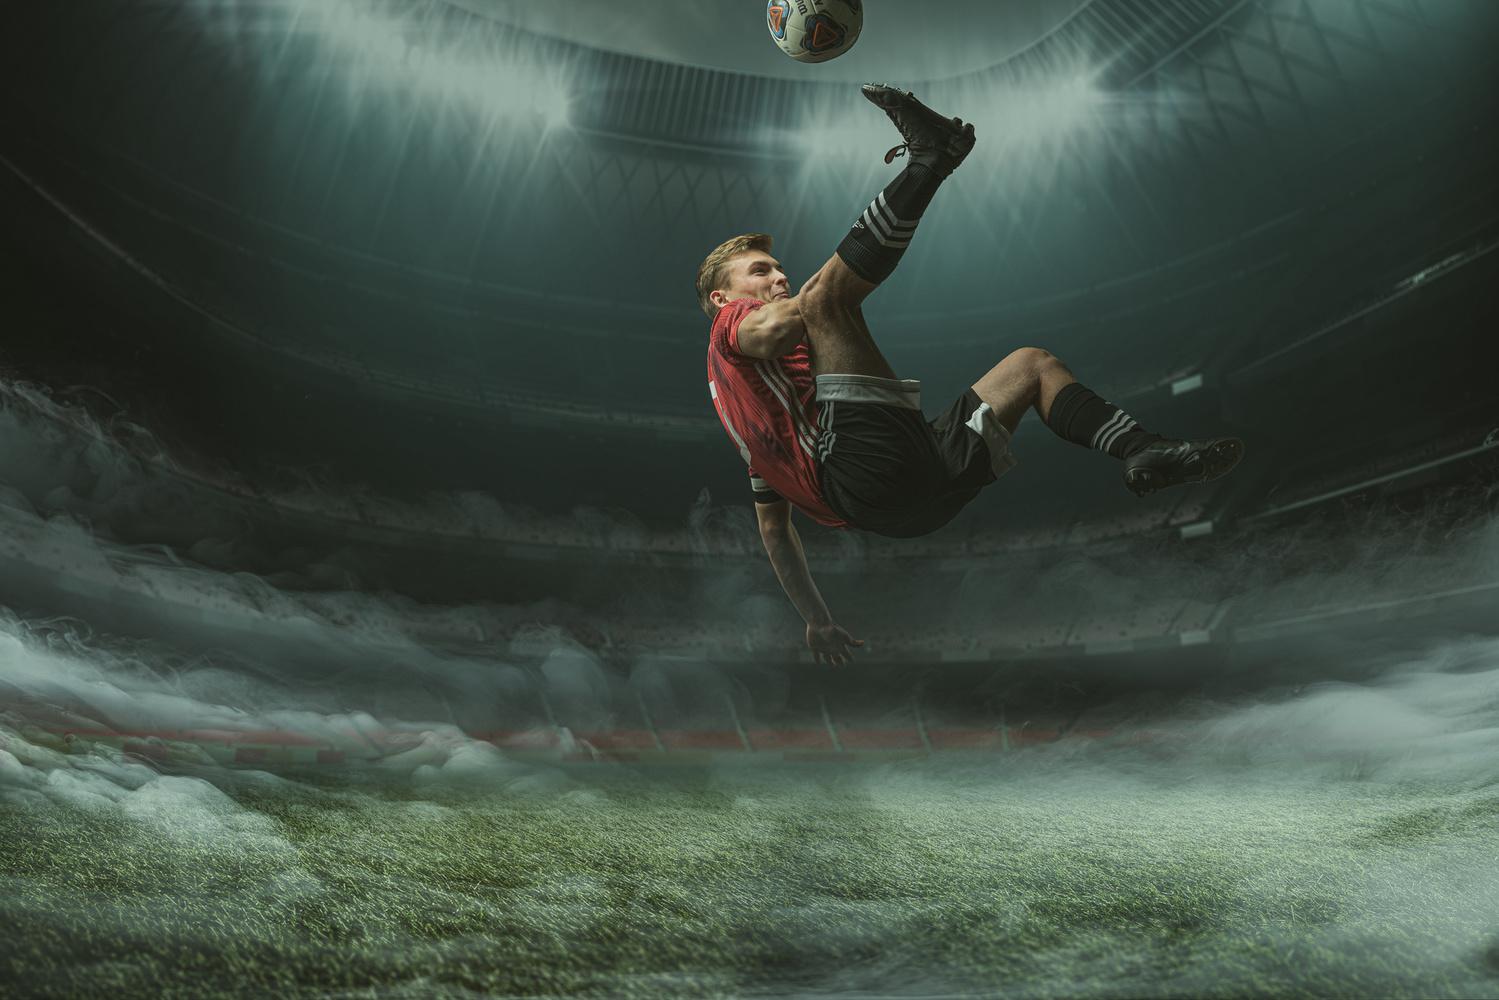 soccer senior by Dan Rowe